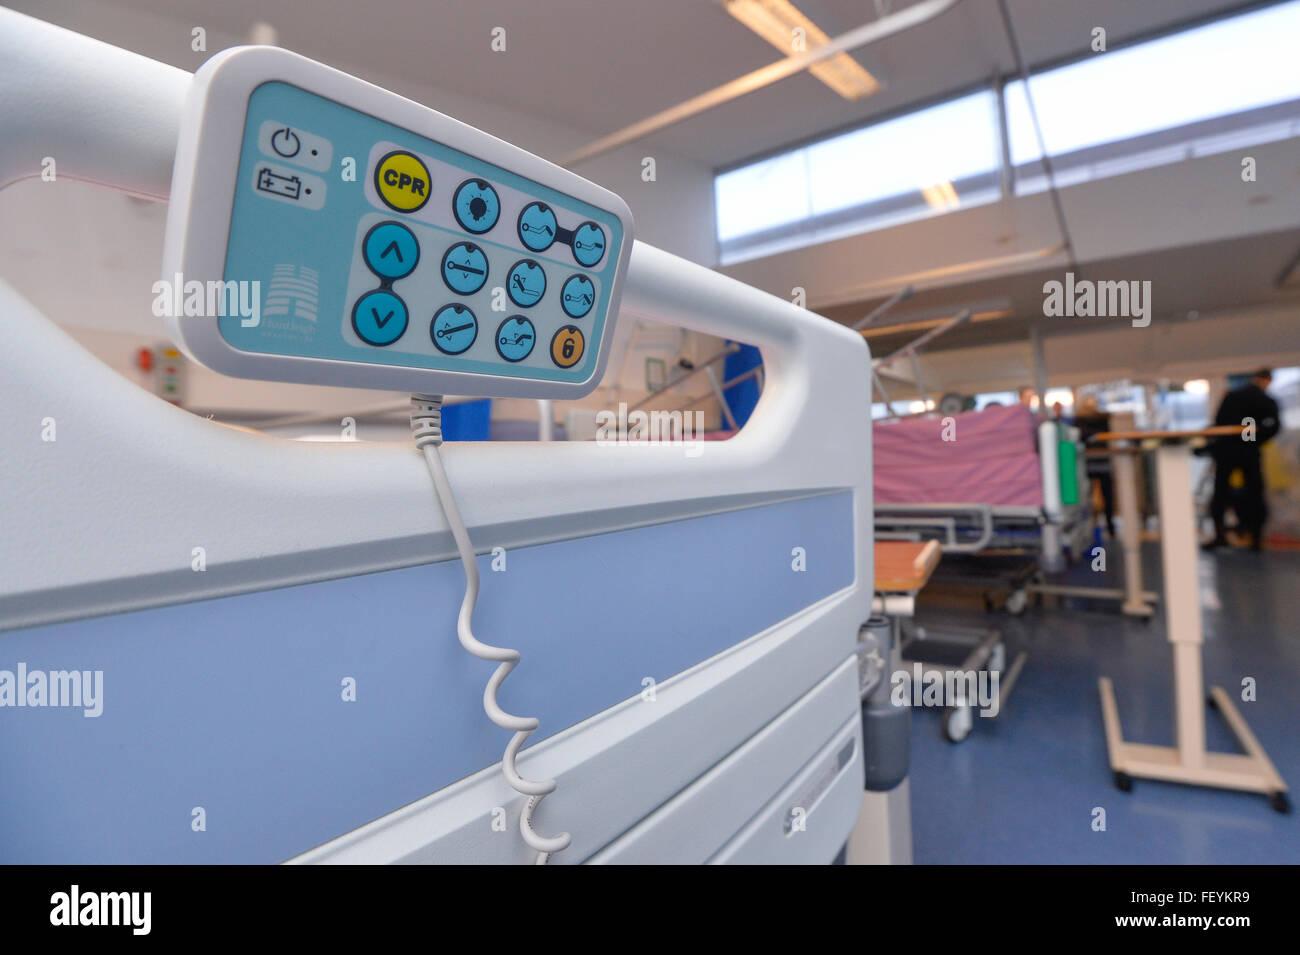 Más cerca del final de una cama en un hospital. Crédito: Euan Cherry Foto de stock